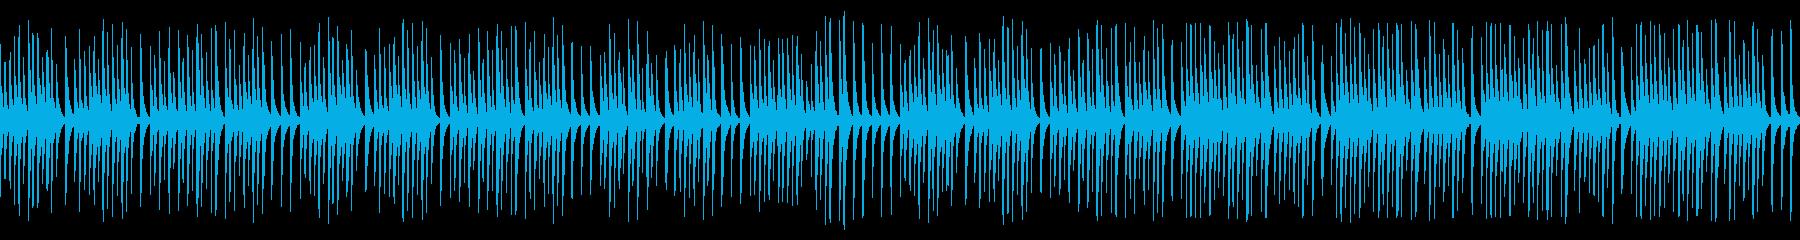 可愛い動物や作業動画に合う木琴(ループの再生済みの波形